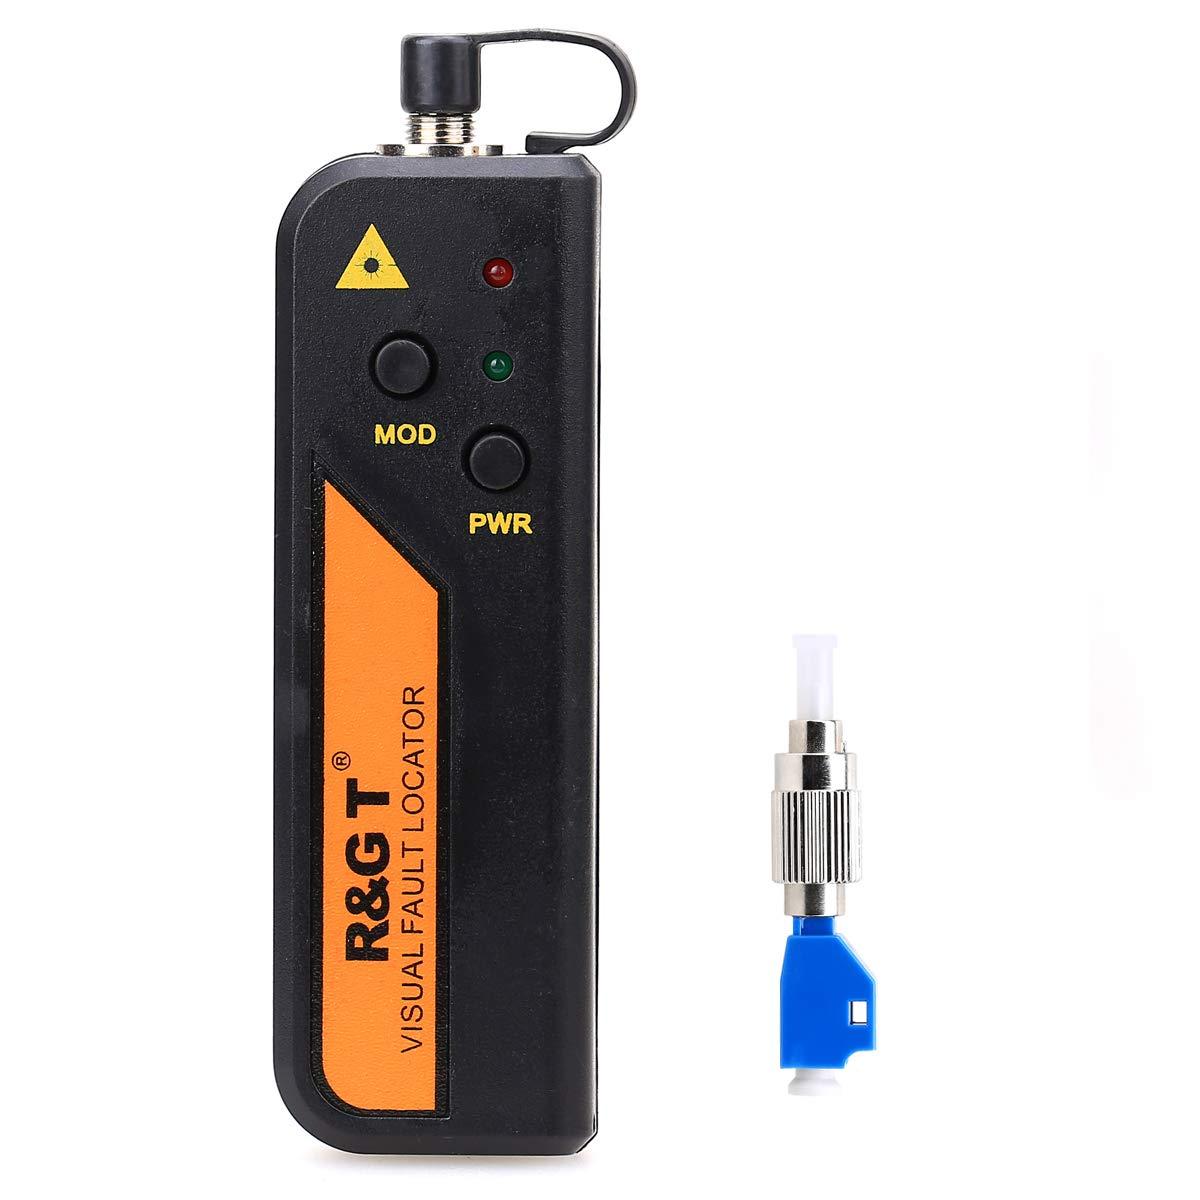 30 KM FTTH Mini localizador de fallas visuales de fibra óptica probador de cable comprobador herramienta de prueba conector universal con el adaptador FC-LC para telecomunicaciones CAT